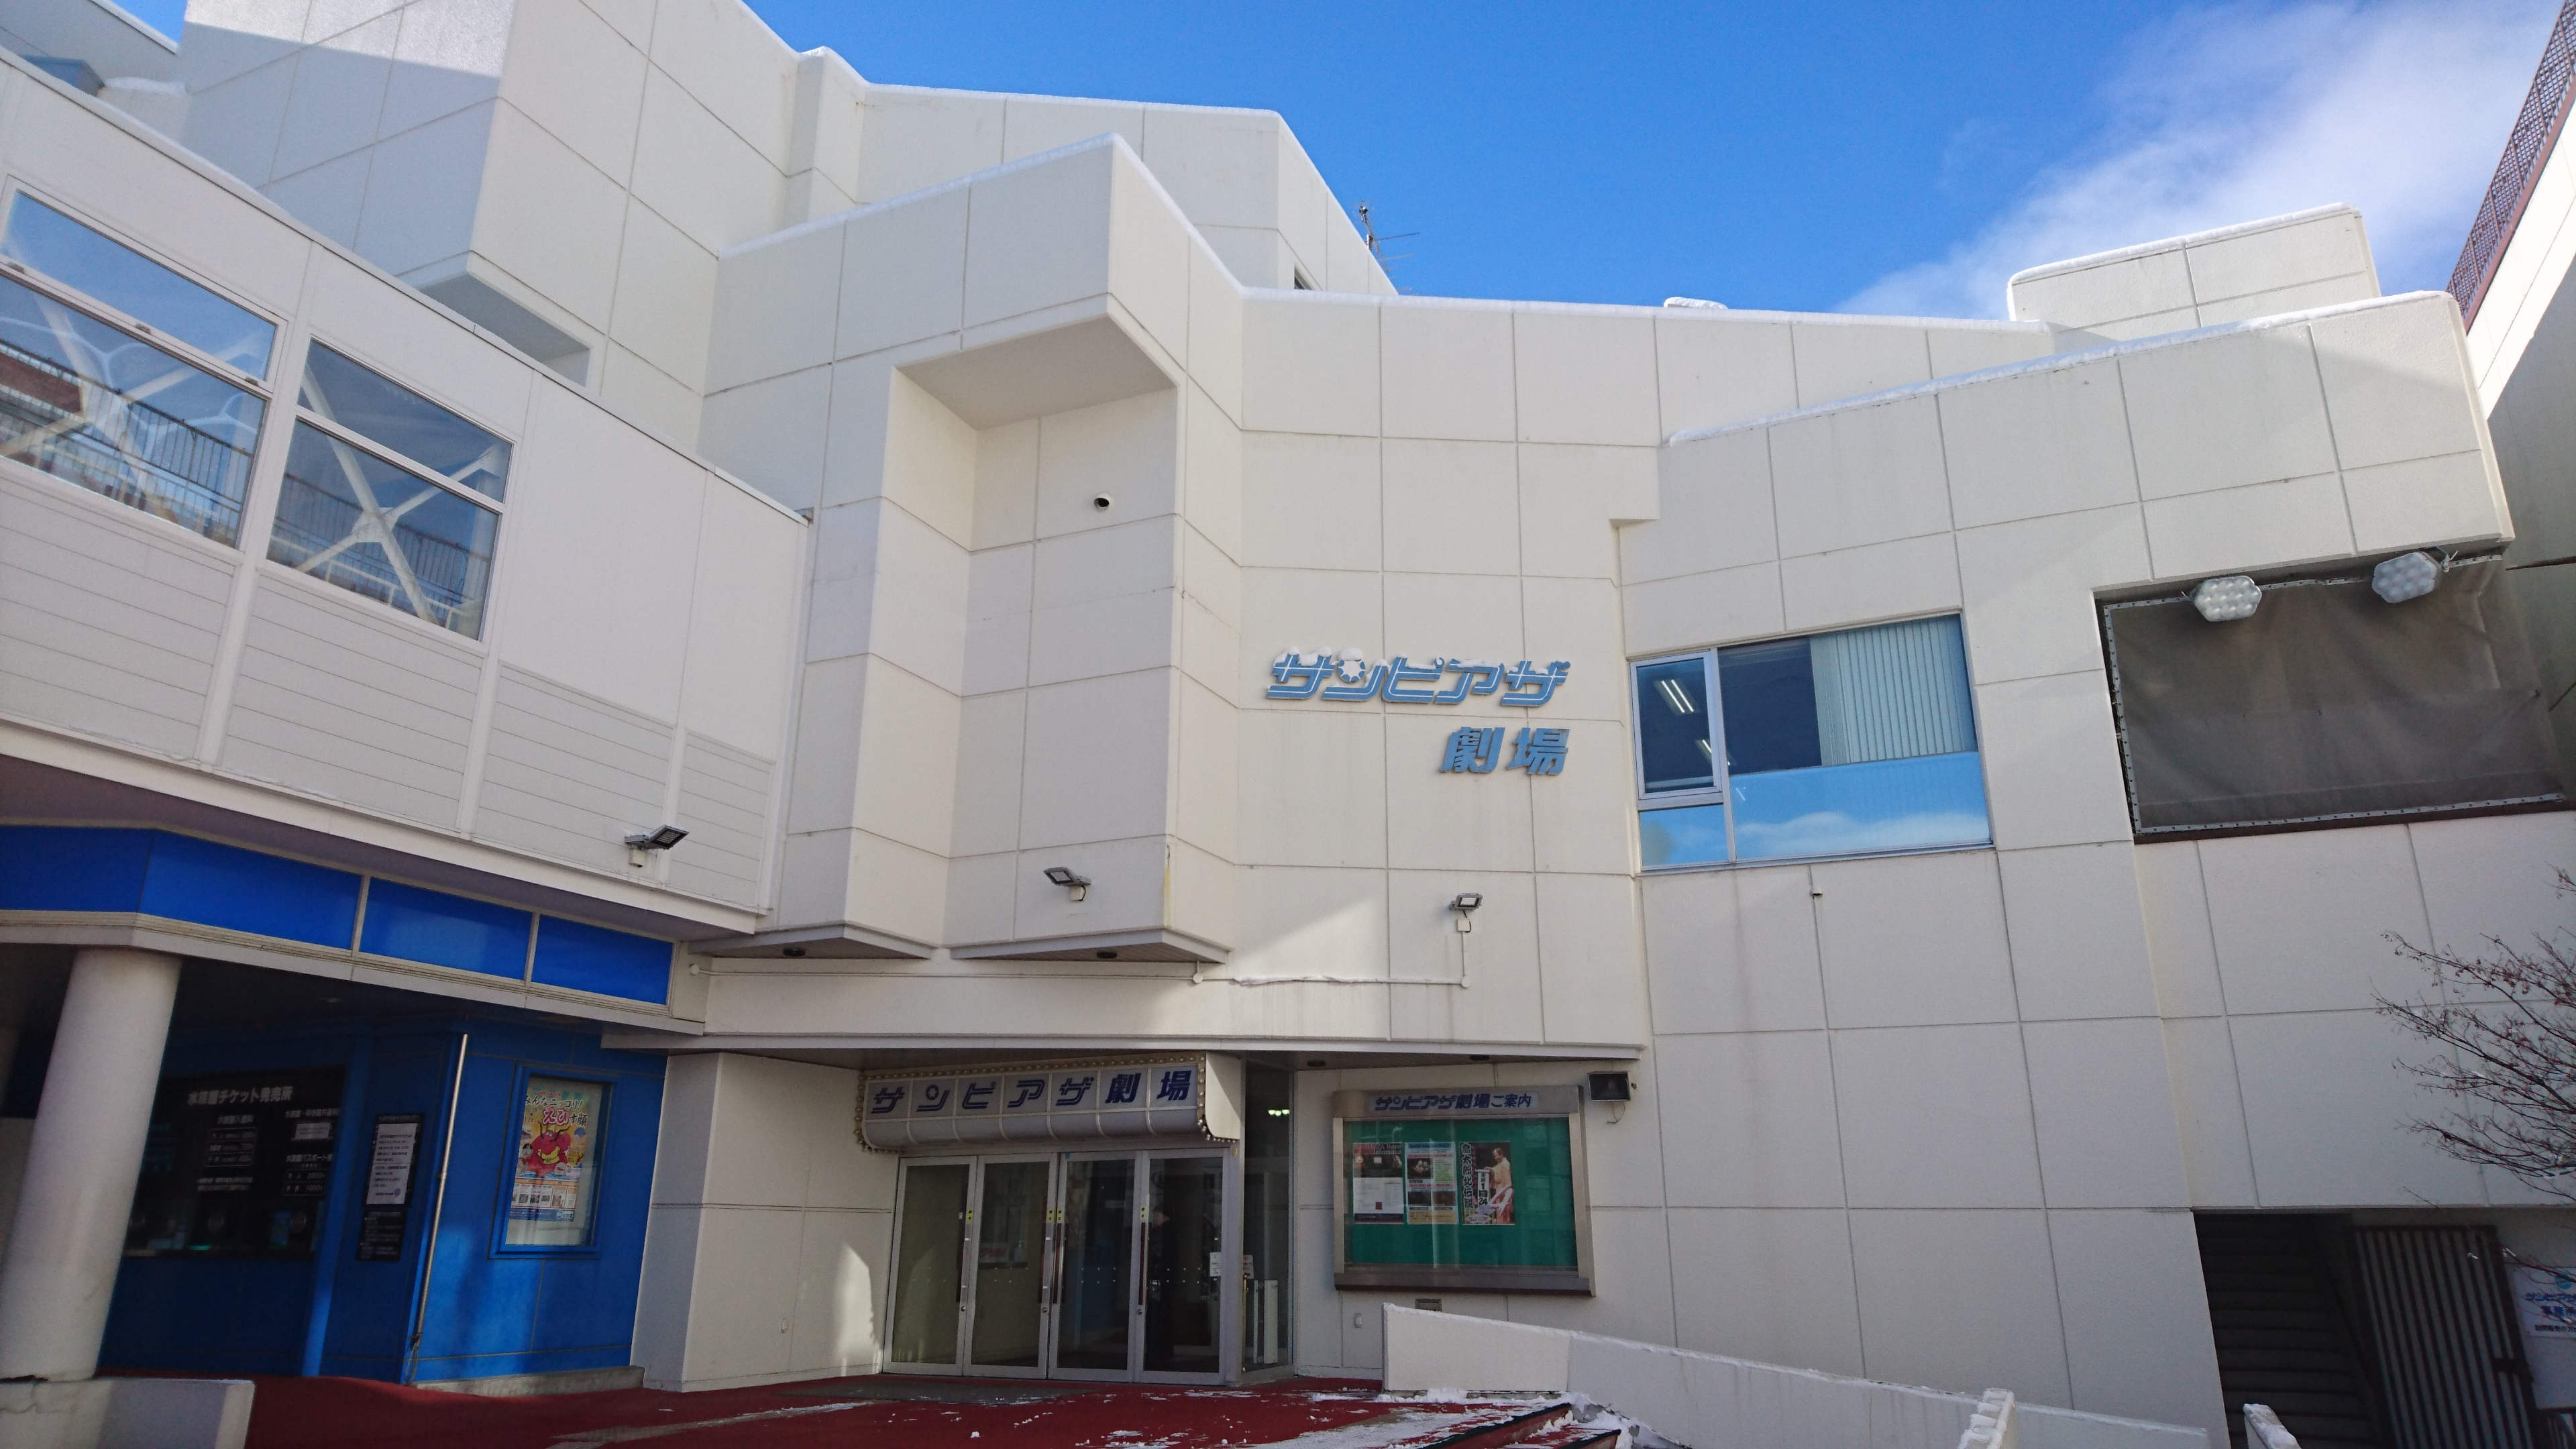 サンピアザ劇場の座席表と会場情報